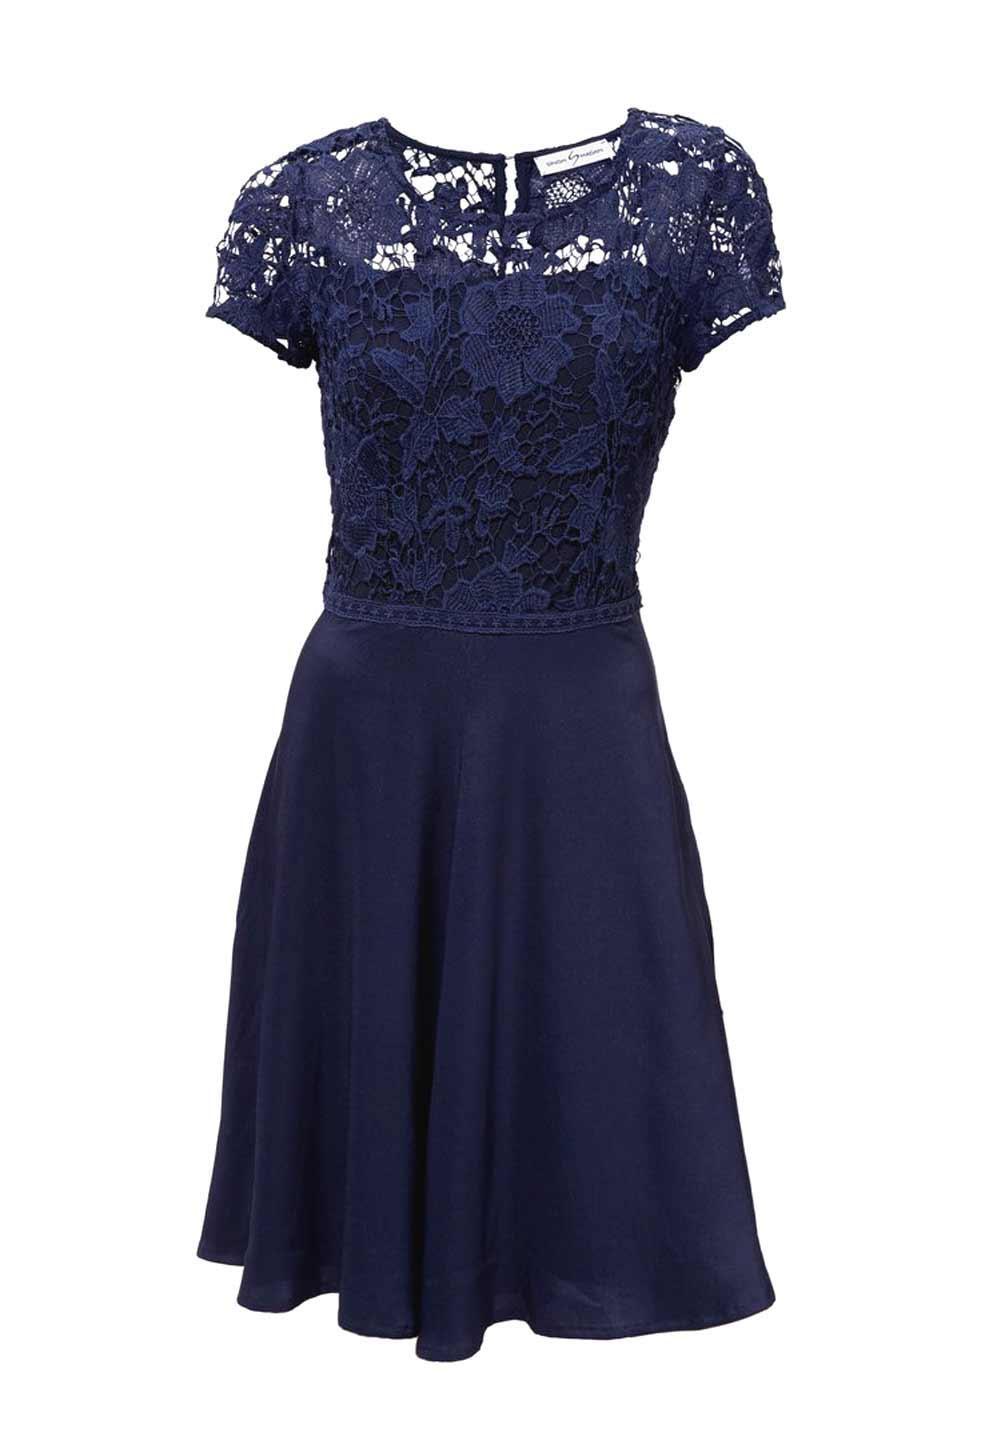 20 Schön Spitzenkleid Blau für 201910 Elegant Spitzenkleid Blau Vertrieb